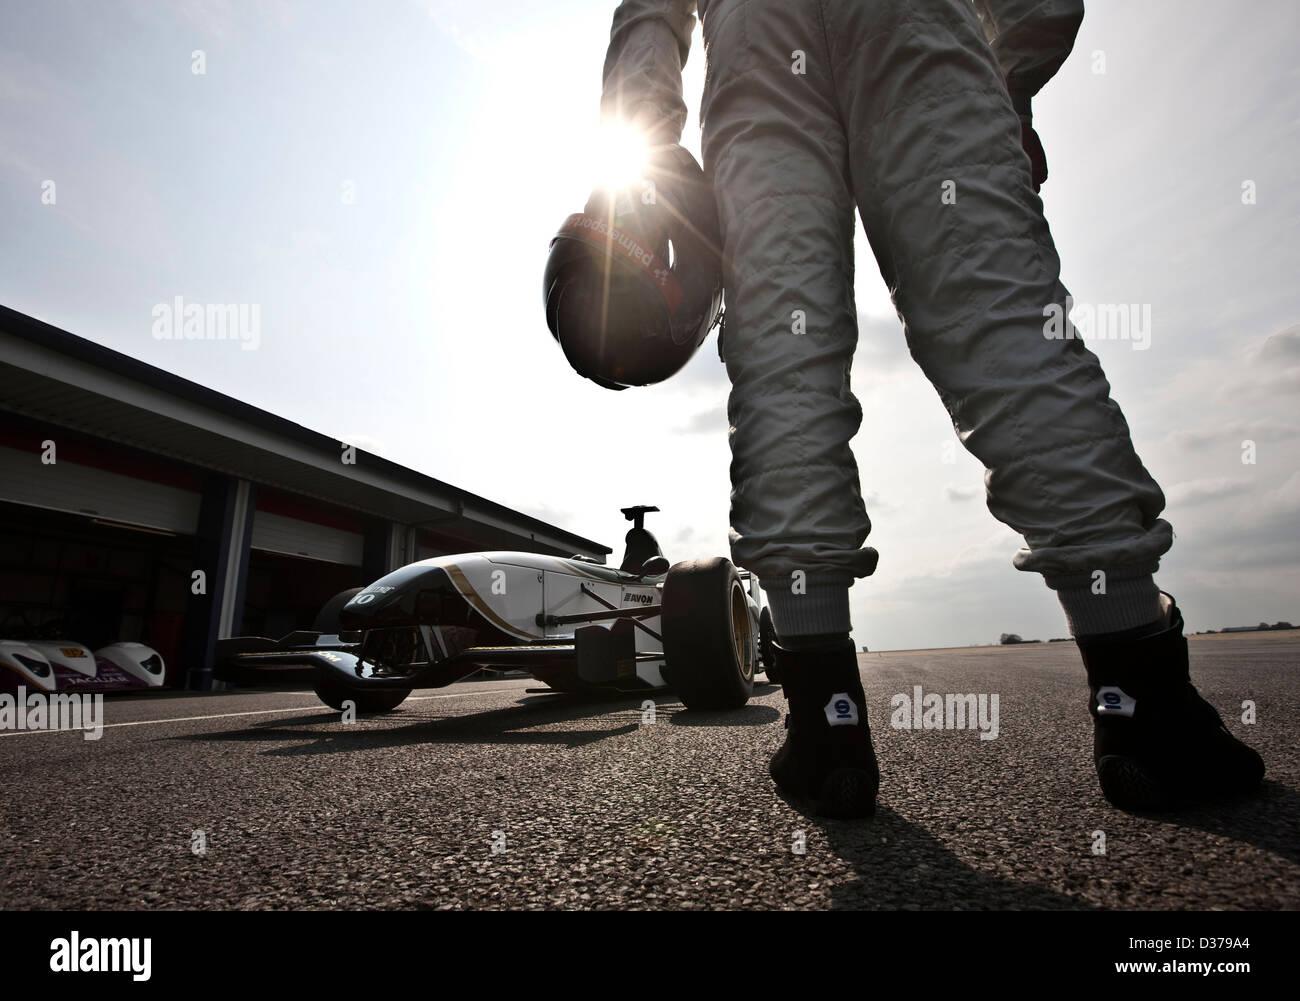 James Martin stehend mit Jaguar Formel 1 Rennwagen, Bedford Autorennbahn, UK 12 04 10 Stockbild